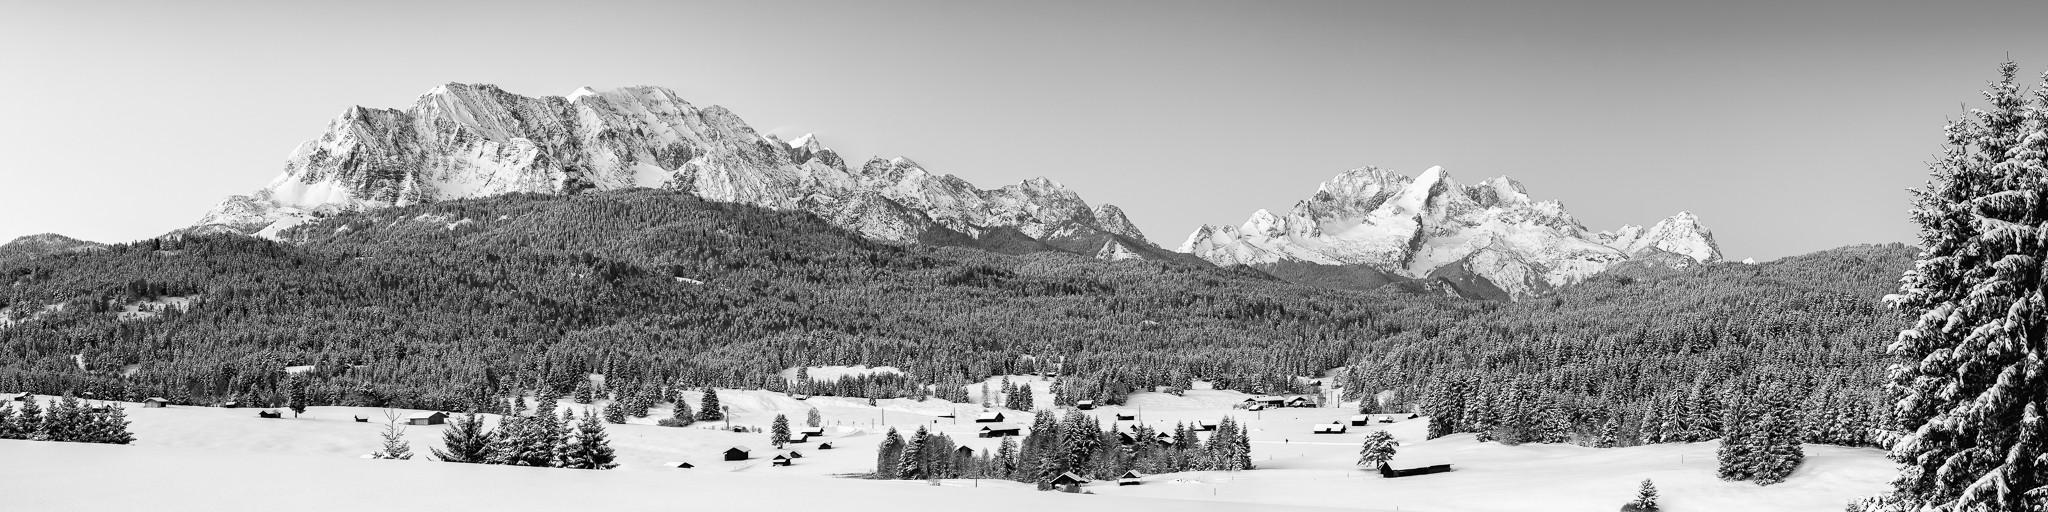 Wettersteingebirge im Winter  -  schwarz-weiß